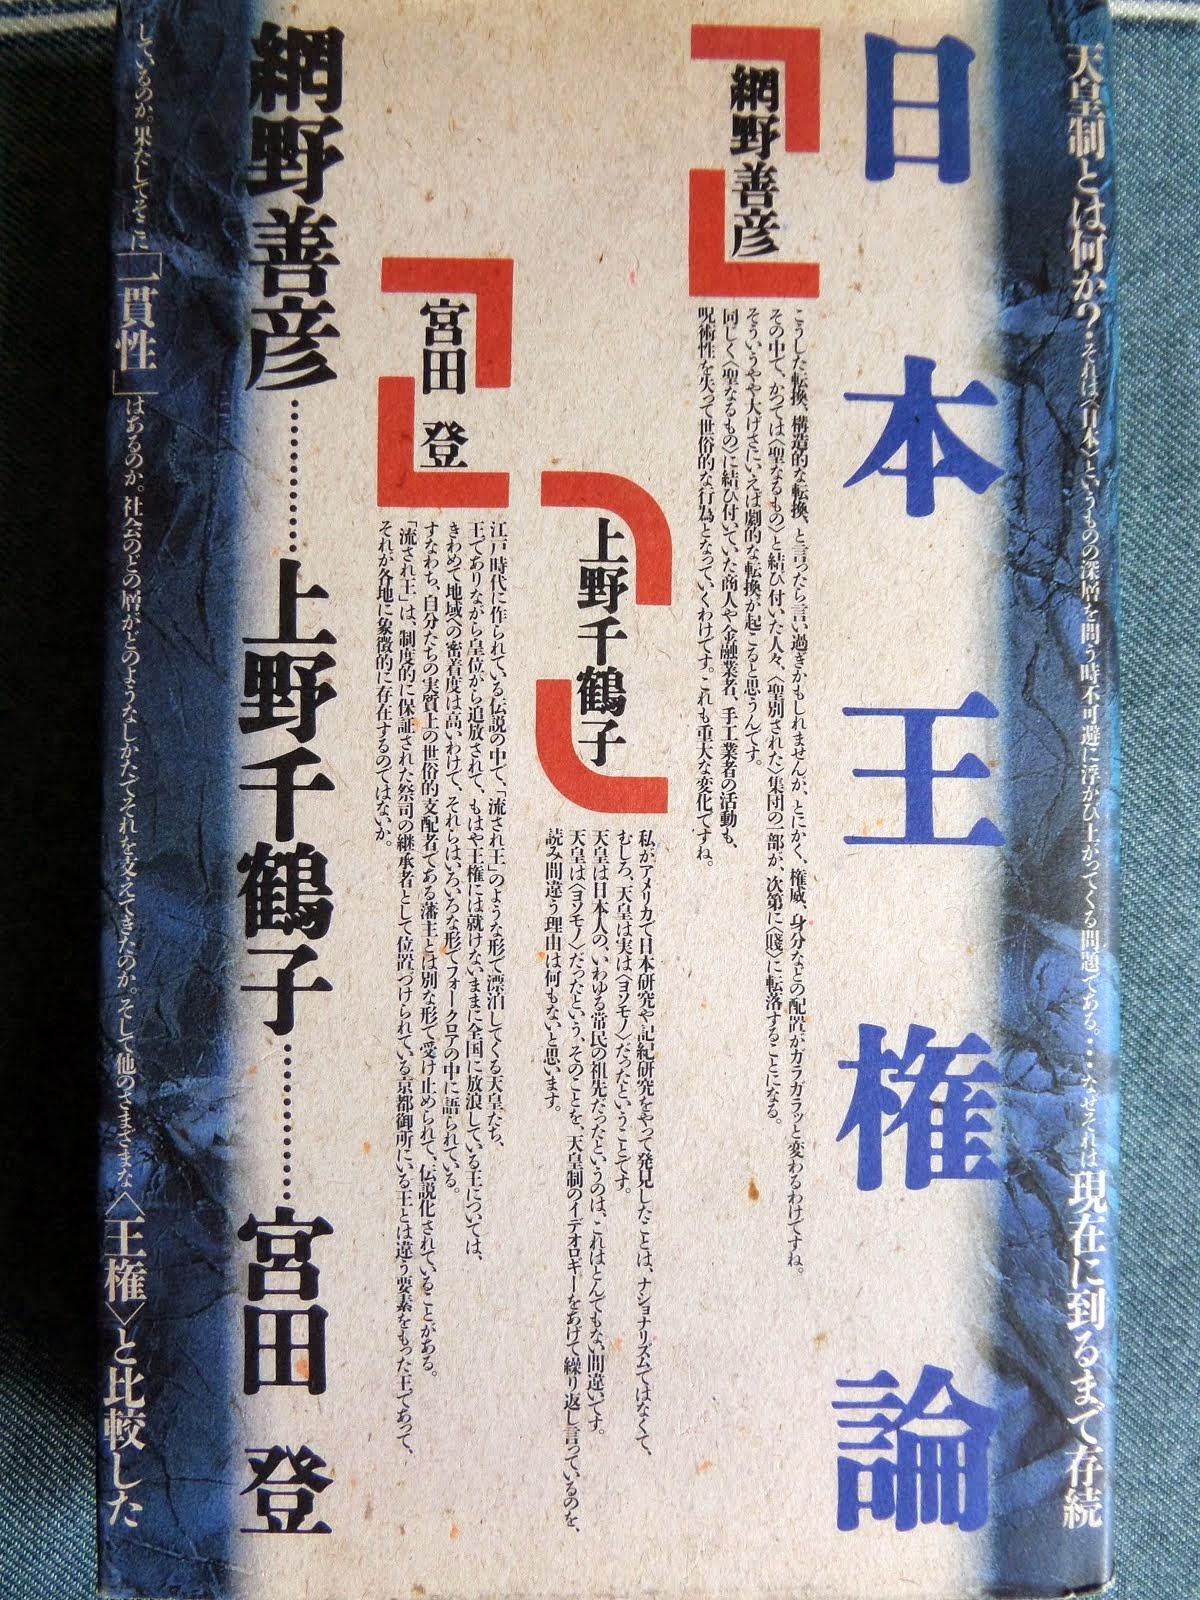 「日本王権論」綱野喜彦・上野千鶴子・宮田登 共著 春秋社 1988年を読む。